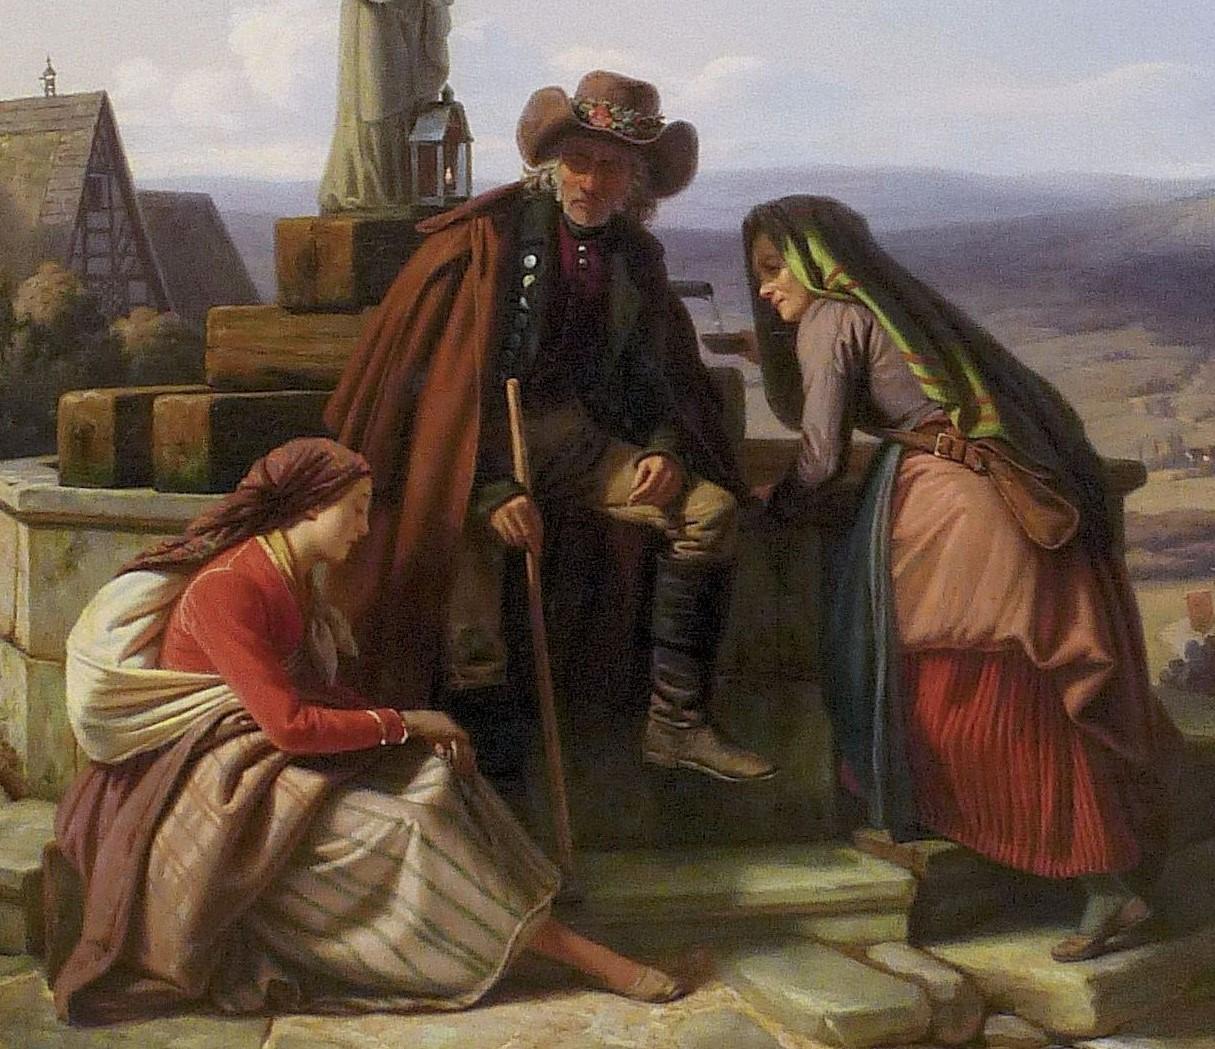 Ludwig Most, Rozmowa głównych bohaterów, pierwszy plan obrazu Bawarscy chłopi podczas pielgrzymki do Maria-Culm, 1843, olej na płótnie, po konserwacji, Muzeum Narodowe w Szczecinie